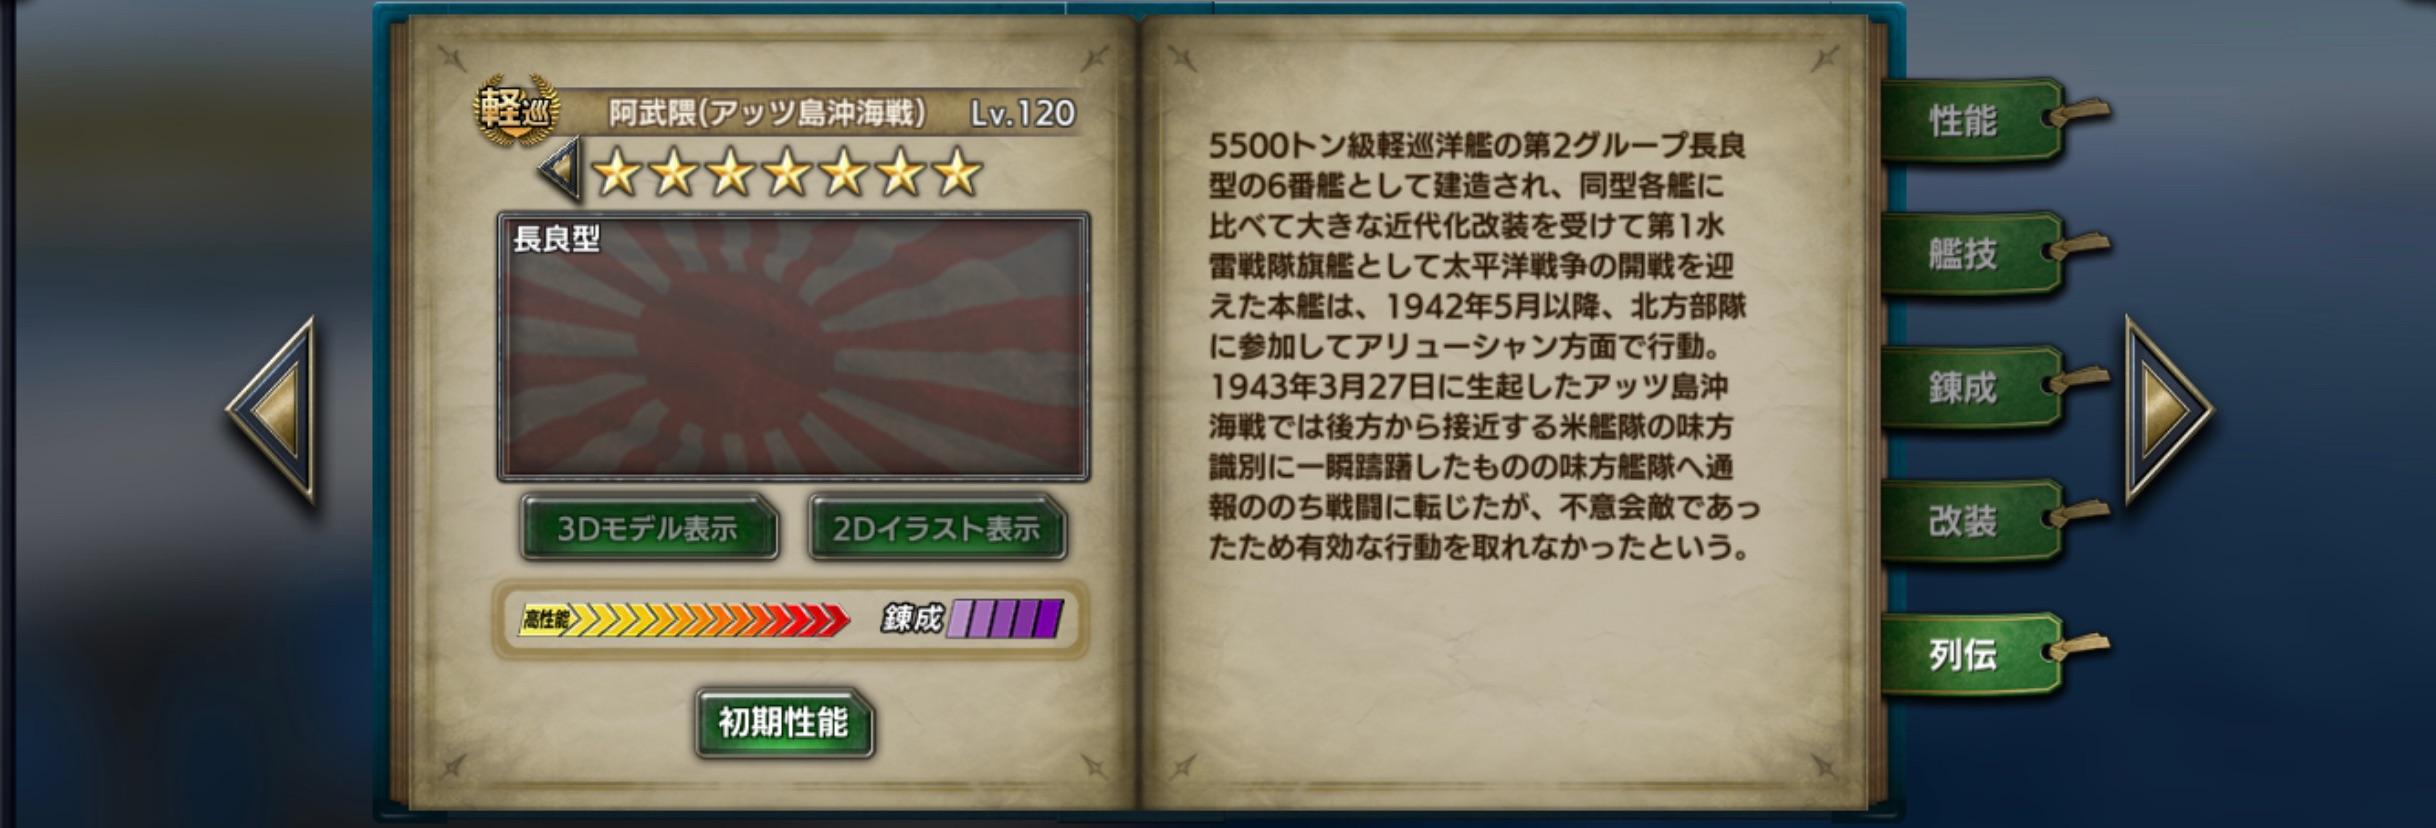 AbukumaA-history